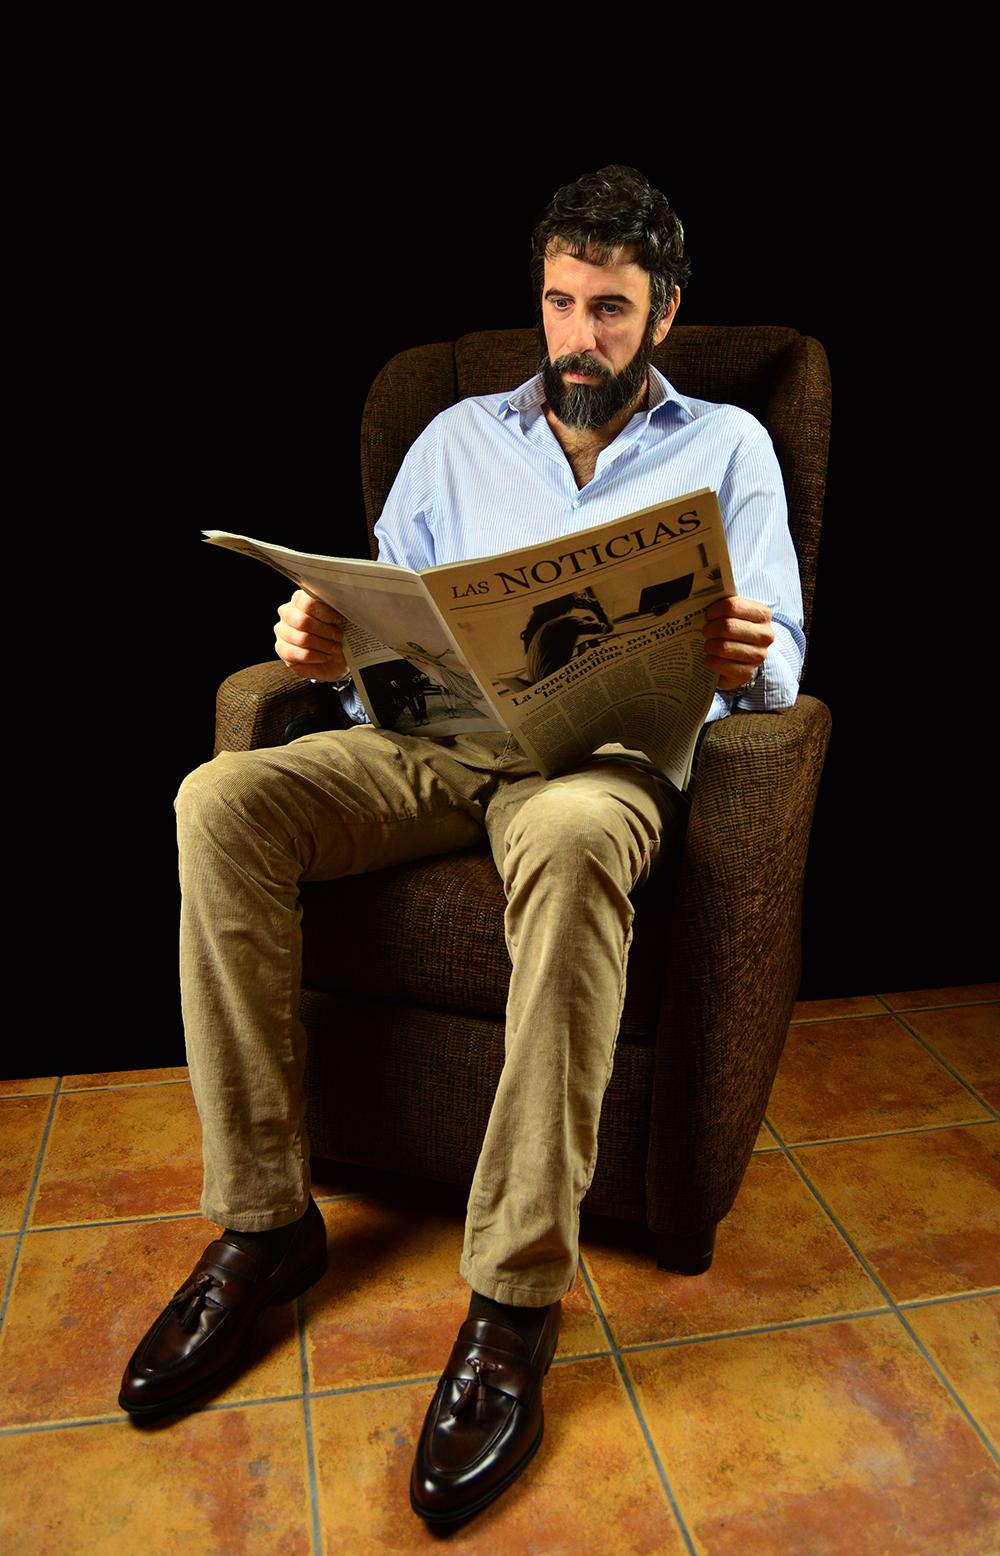 El hombre sentado en el sofá